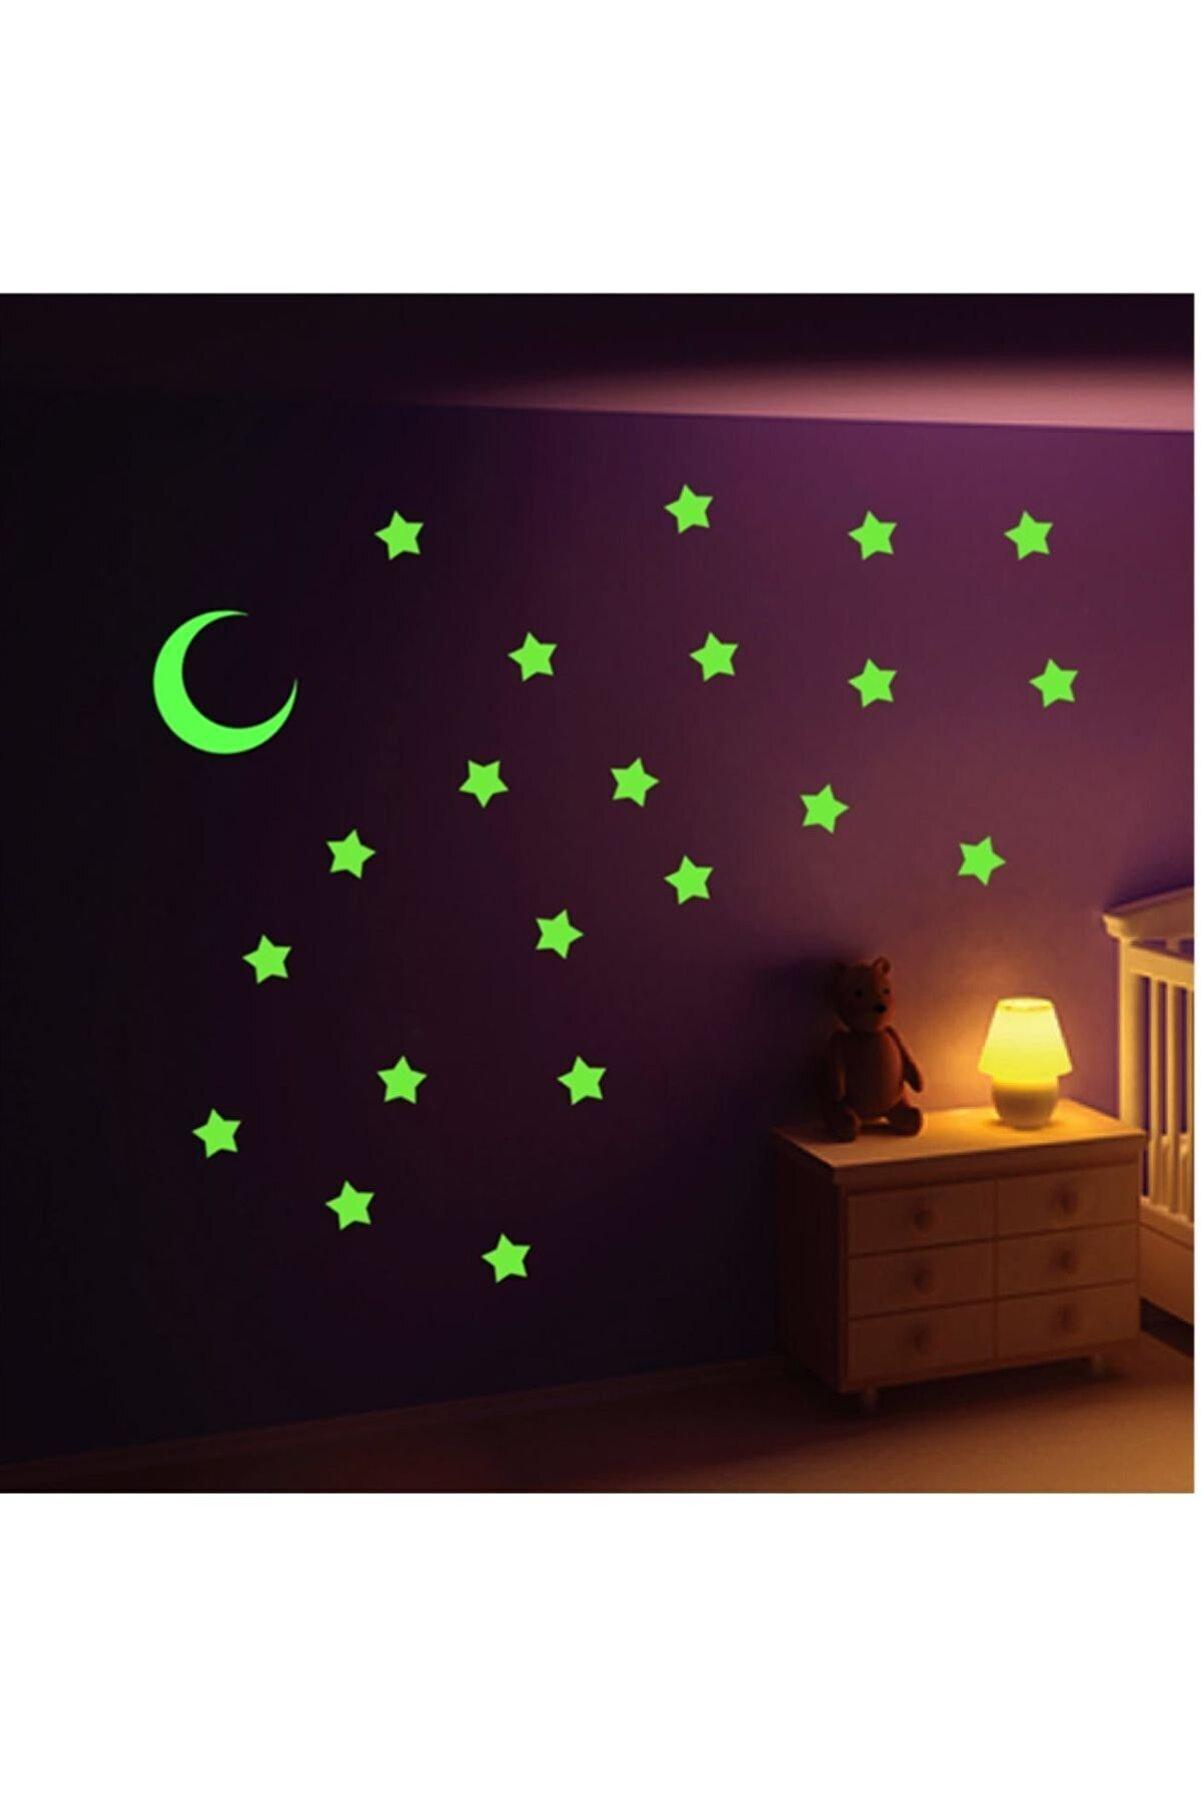 Huzur Party Store Fosforlu Parlak Yıldız Çıkartma Sticker Ay Yıldız Tavana Yapıştırmalı 12 Parça Kurban Bayramı Süsü